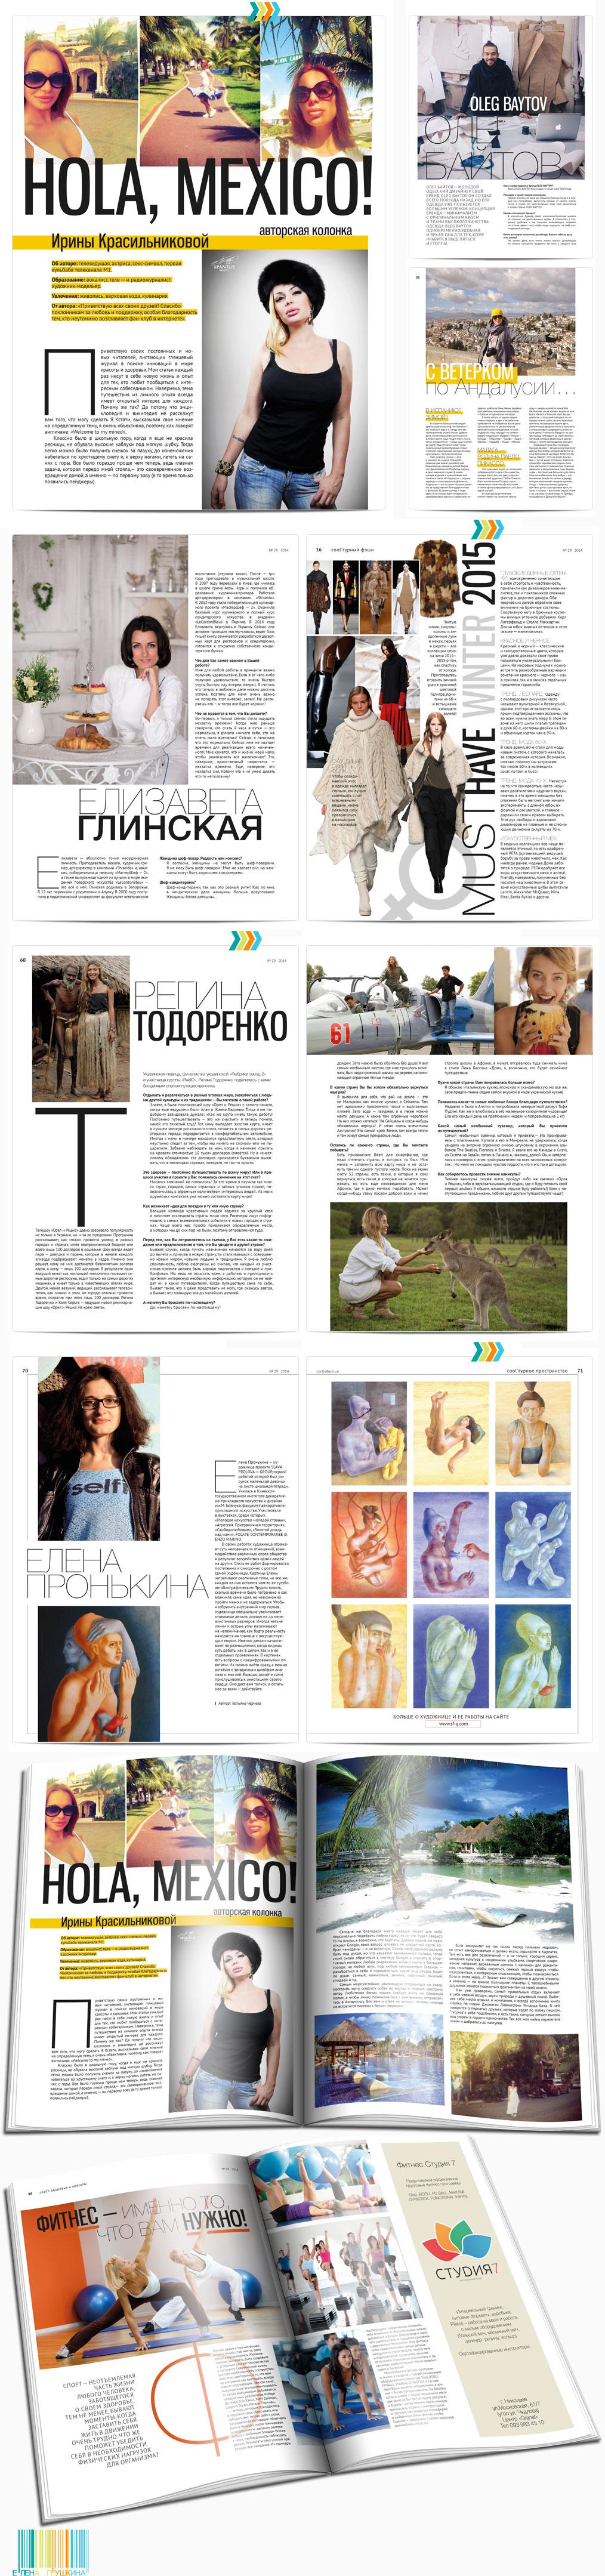 Глянцевый журнал «CoolBaba» №29-1 2014 — разработка дизайна и вёрстка журнала Разработка журналов Портфолио